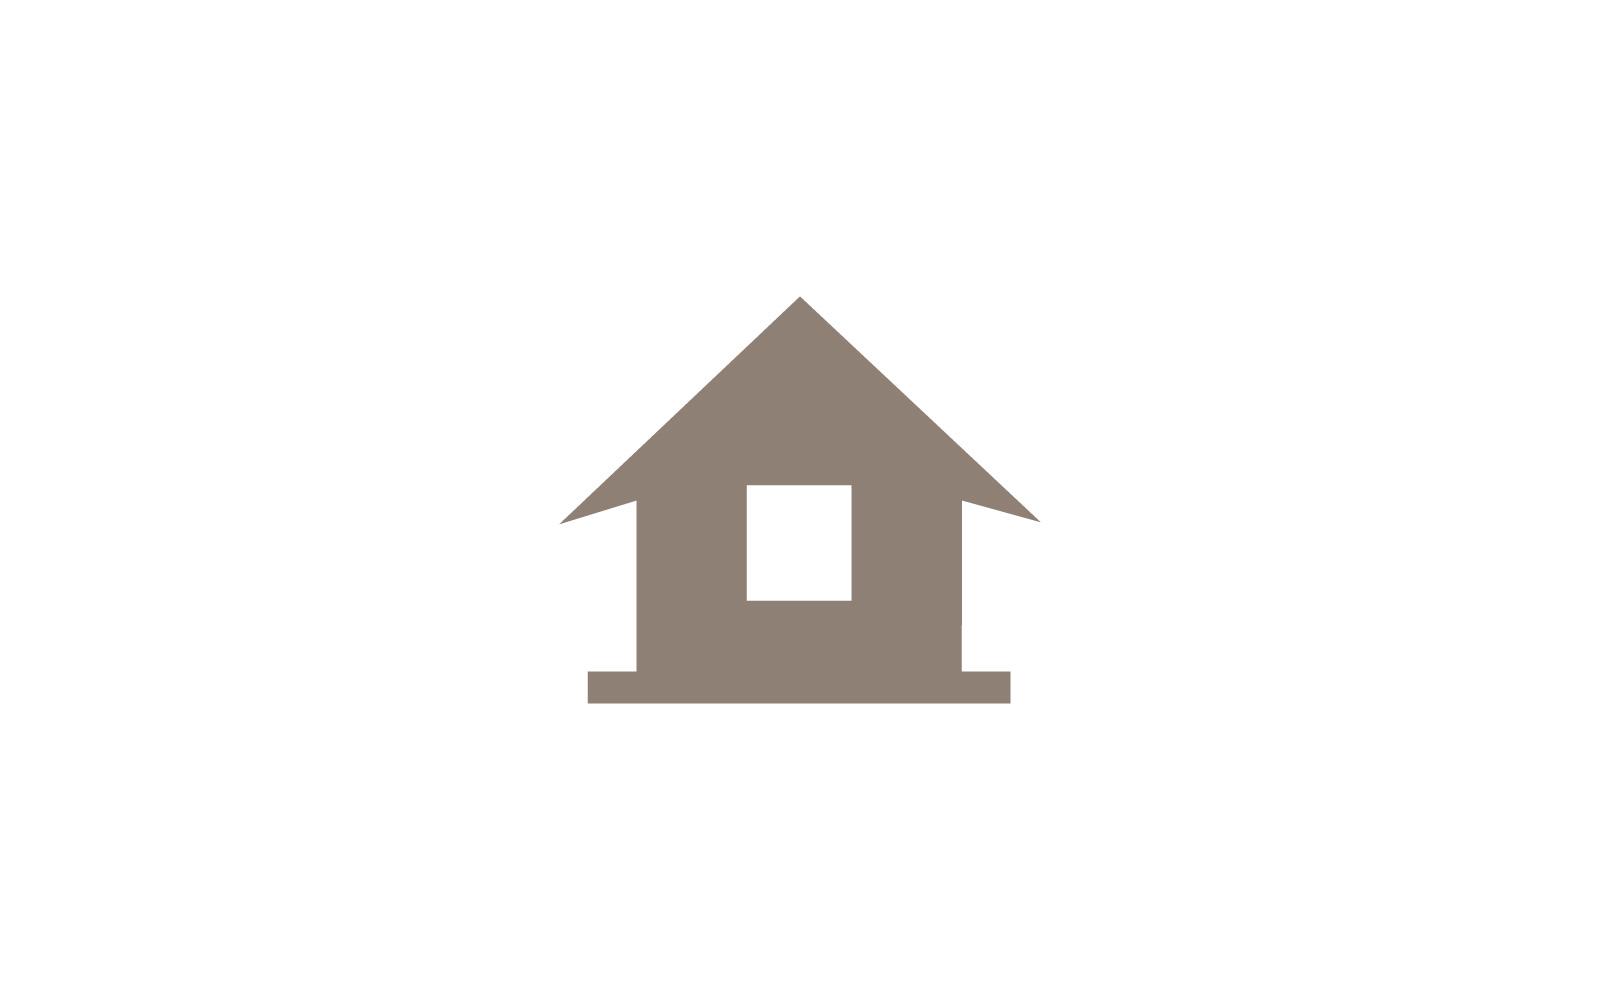 ZEH(ネット・ゼロ・エネルギーハウス)の取り組みについて